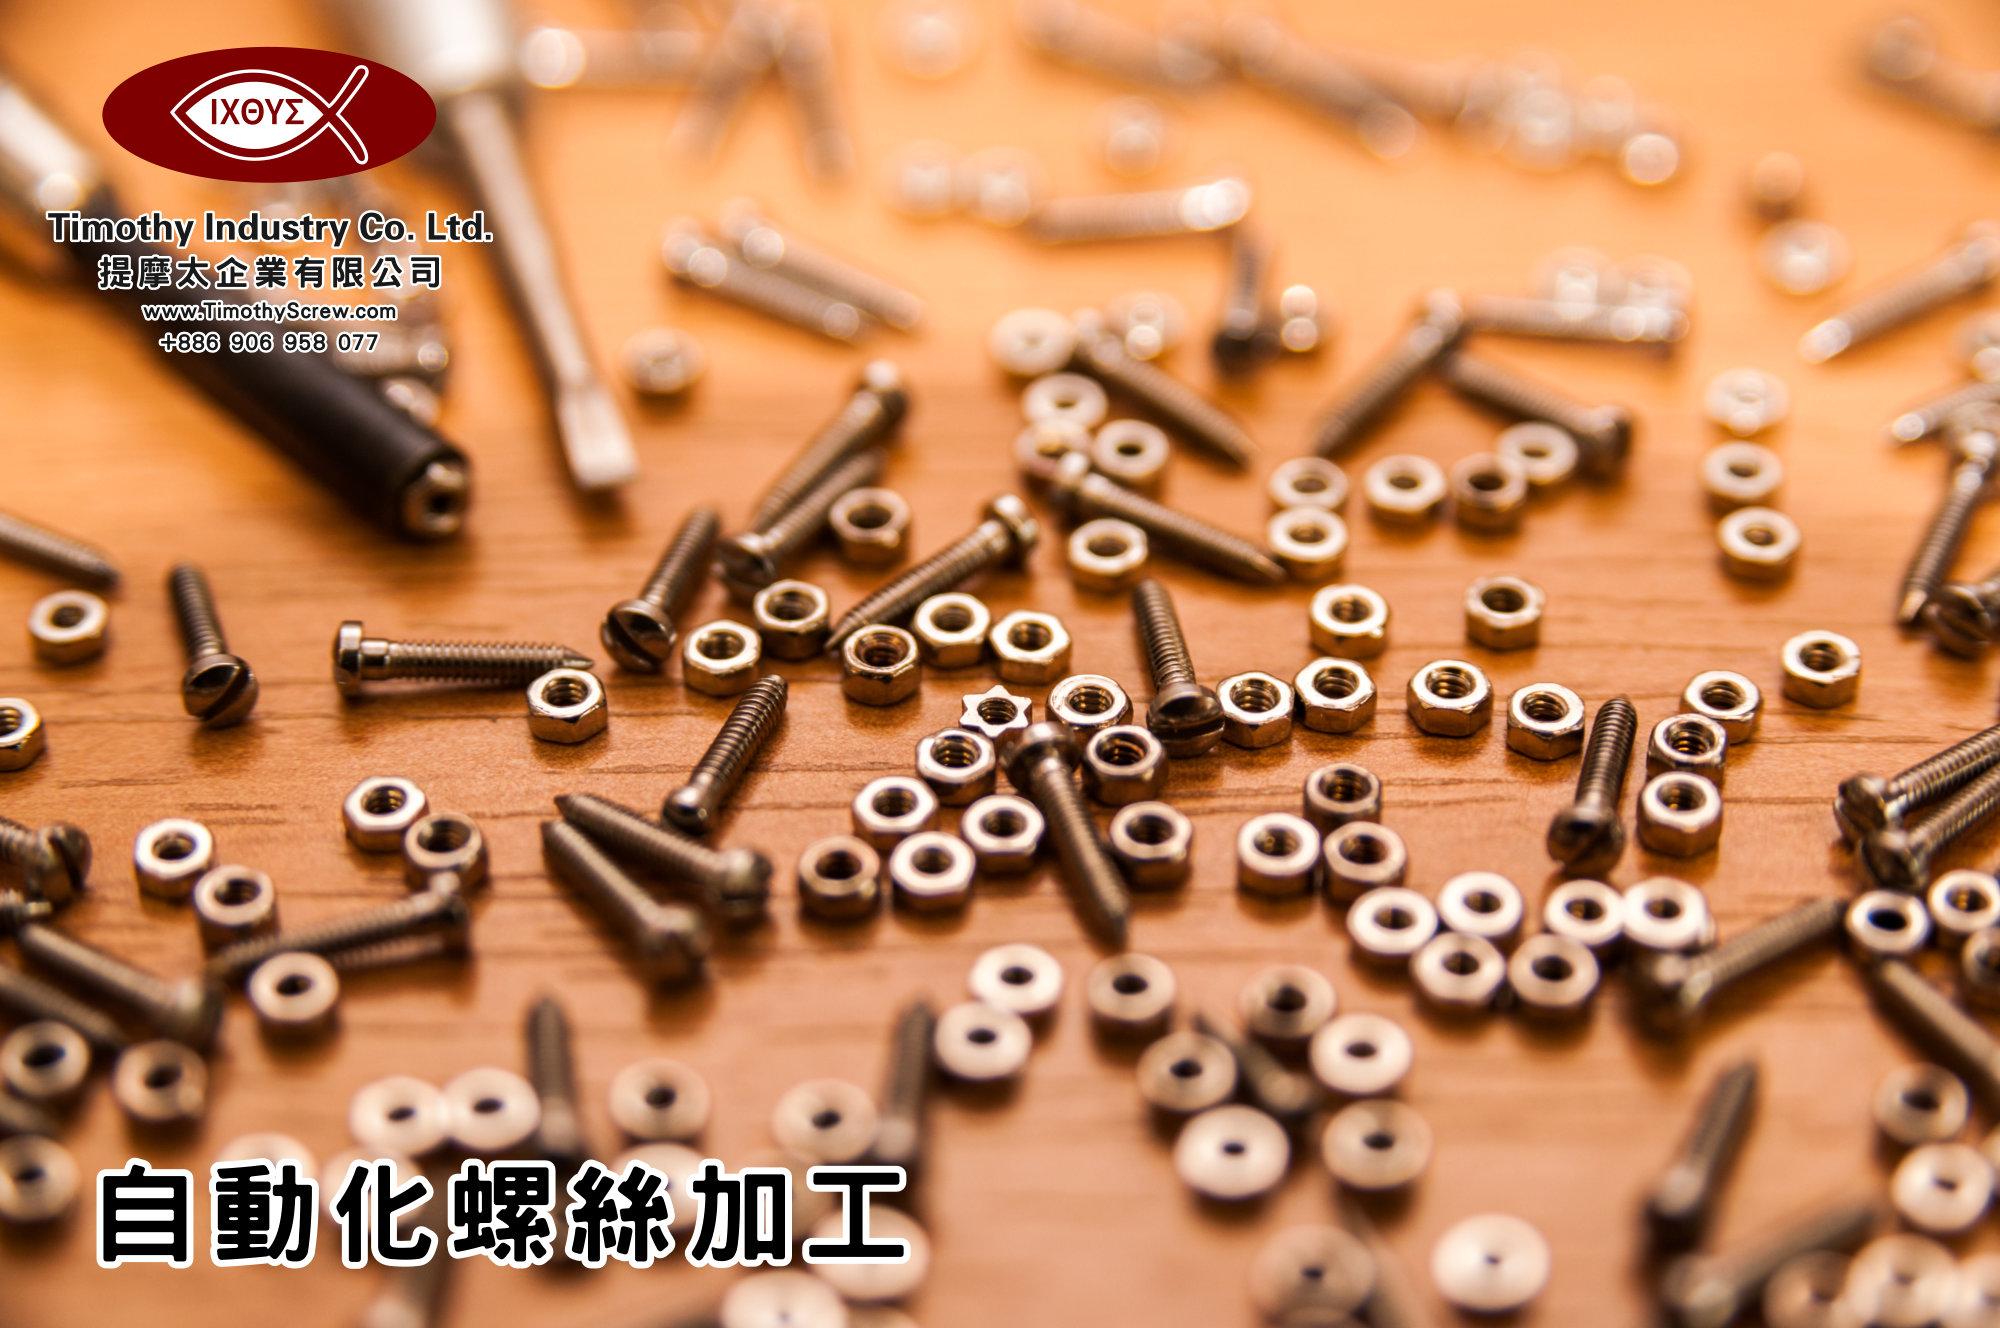 提摩太企業有限公司 Timothy Industry Co Ltd 自動化螺絲加工 車床部 銑床部 台灣自動化螺絲加工 螺絲製造 A15